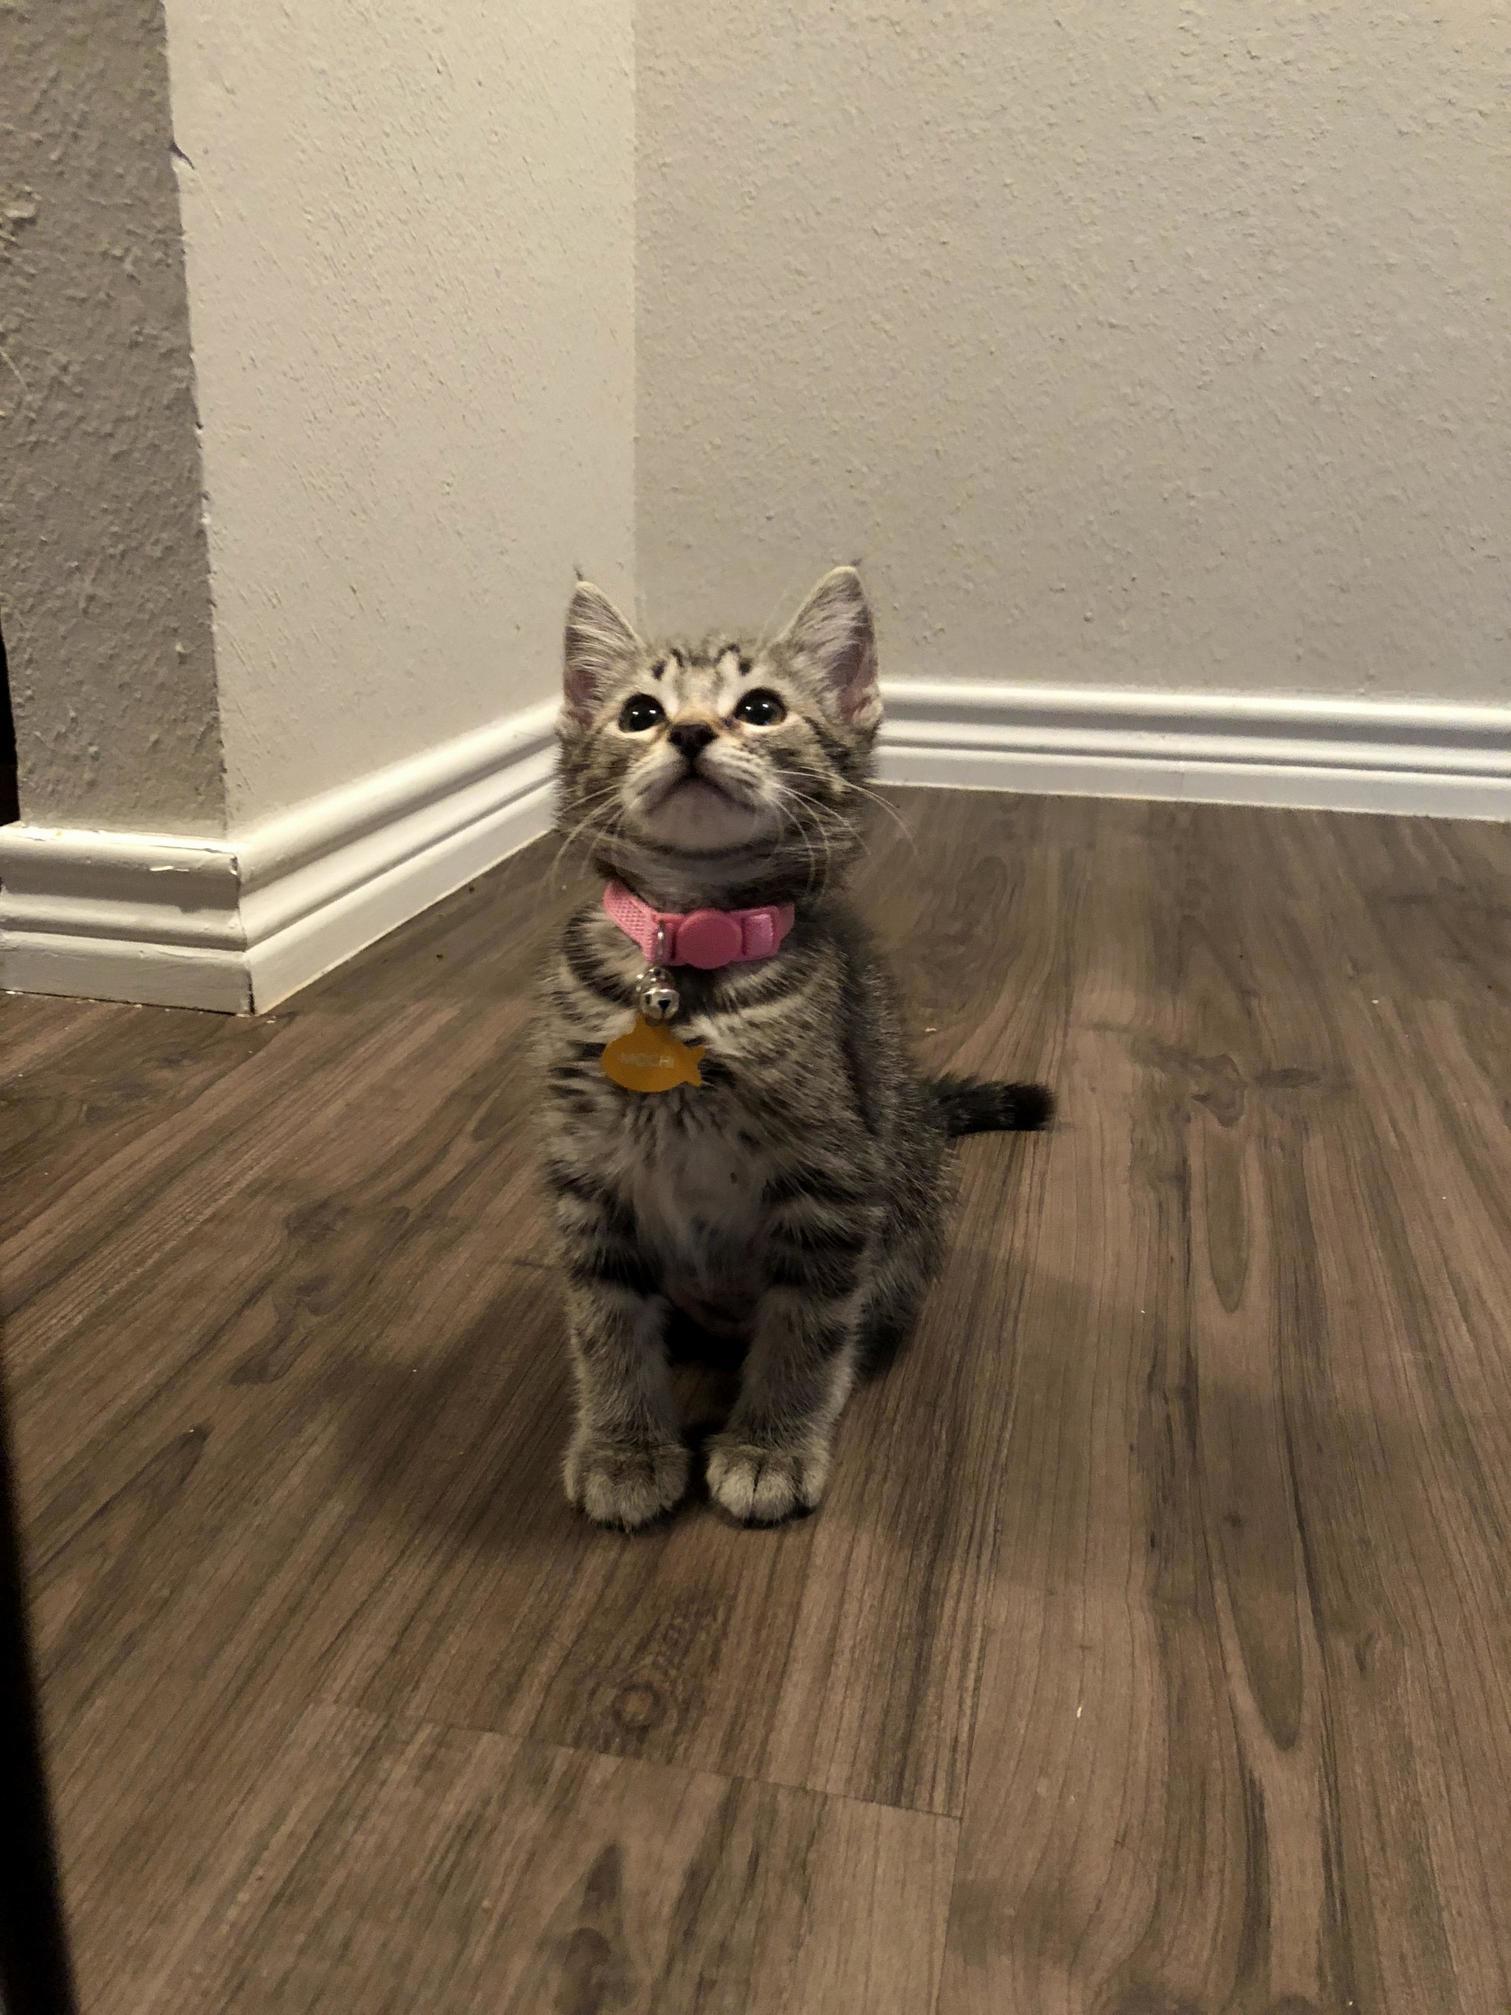 Hi miss cat